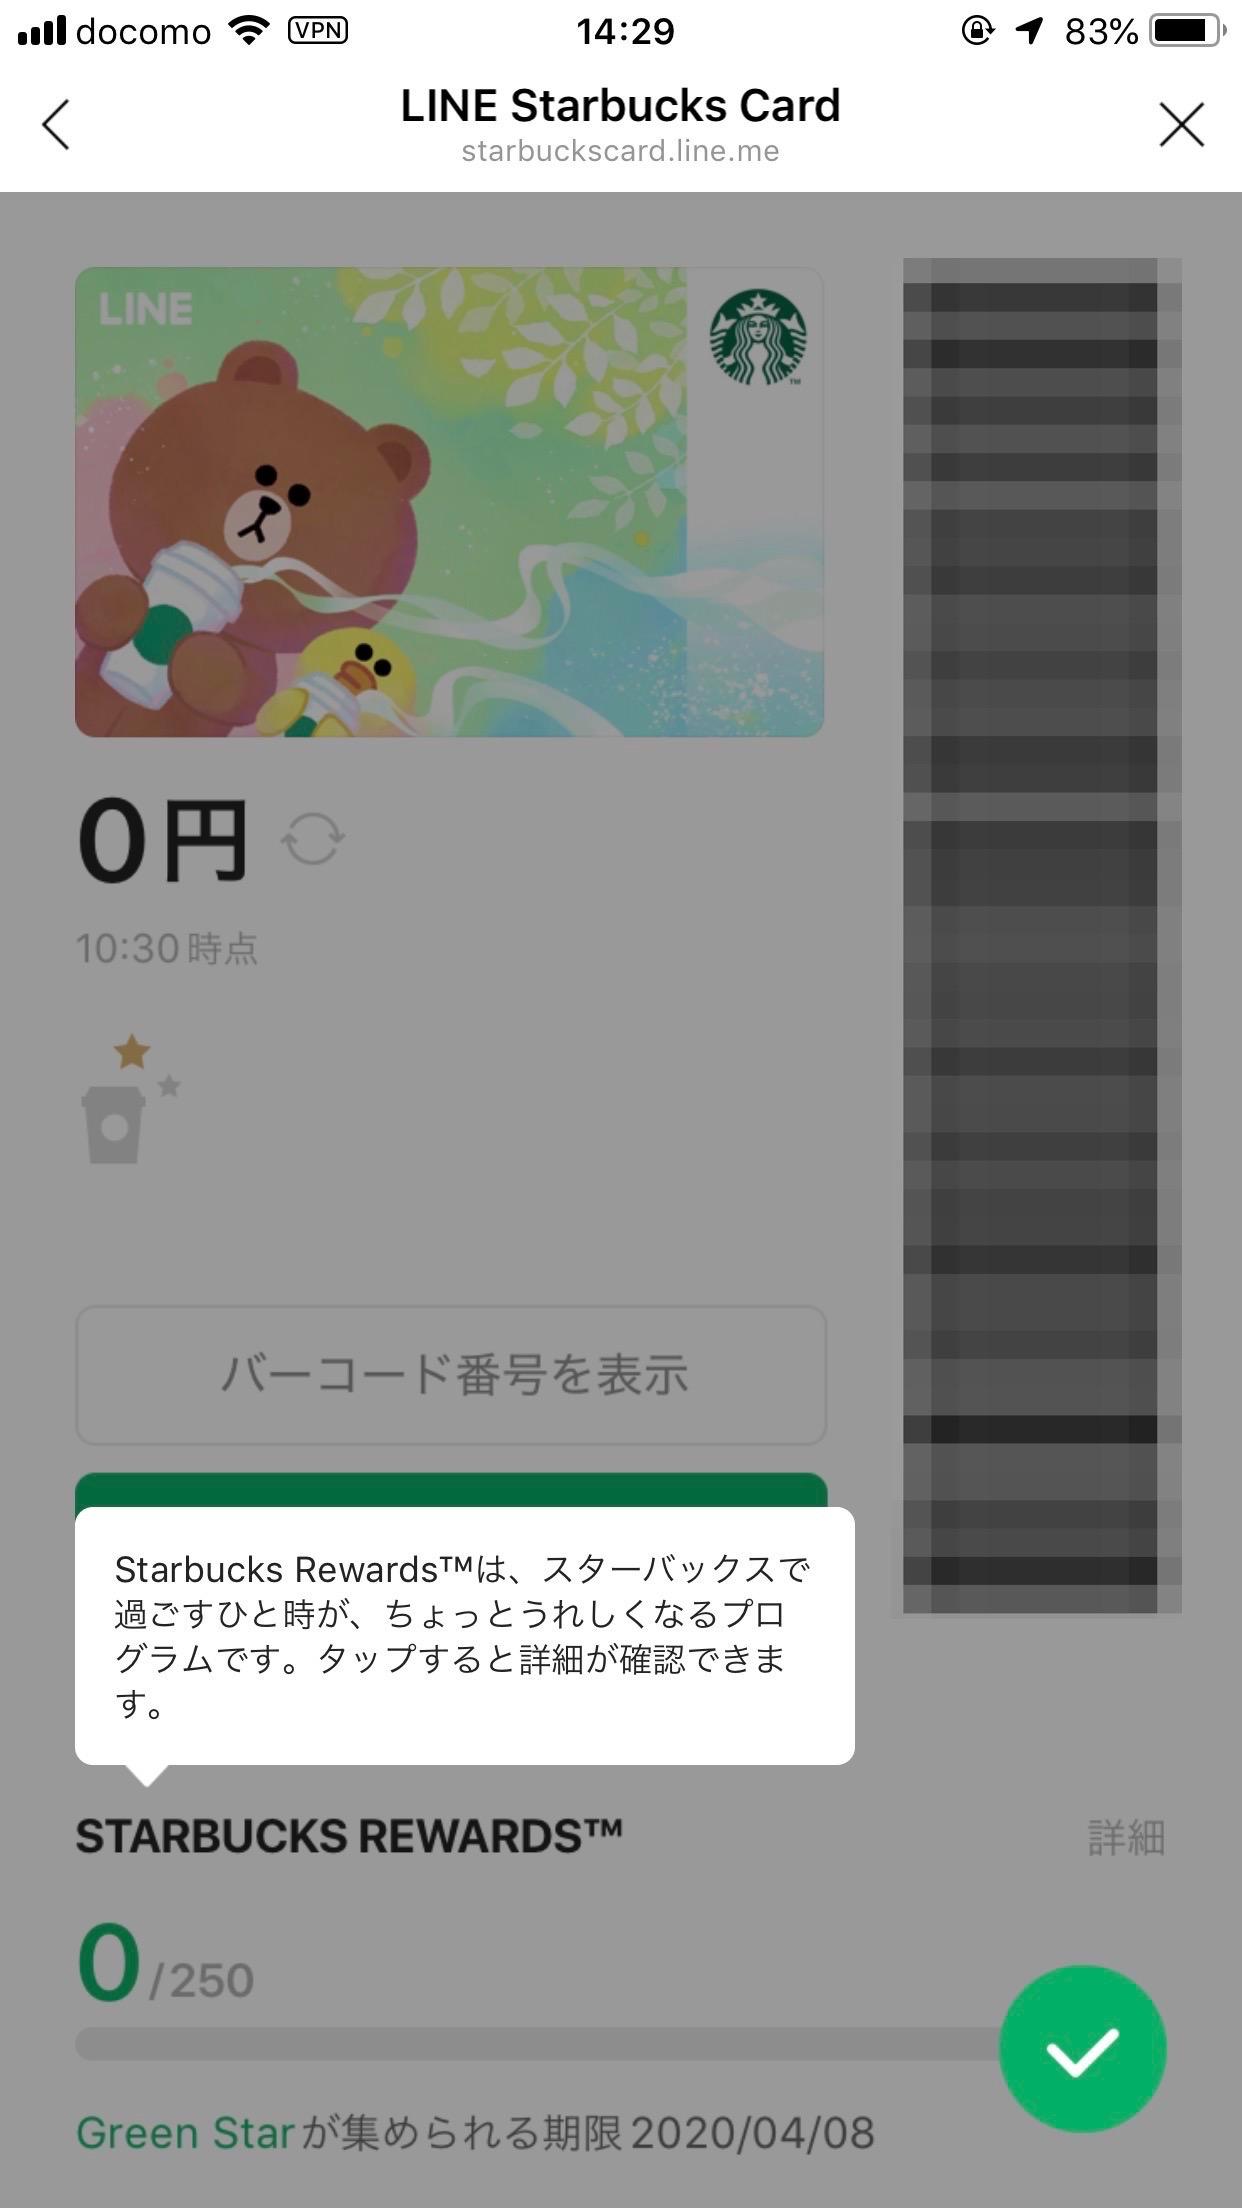 LINEスターバックスカード 12